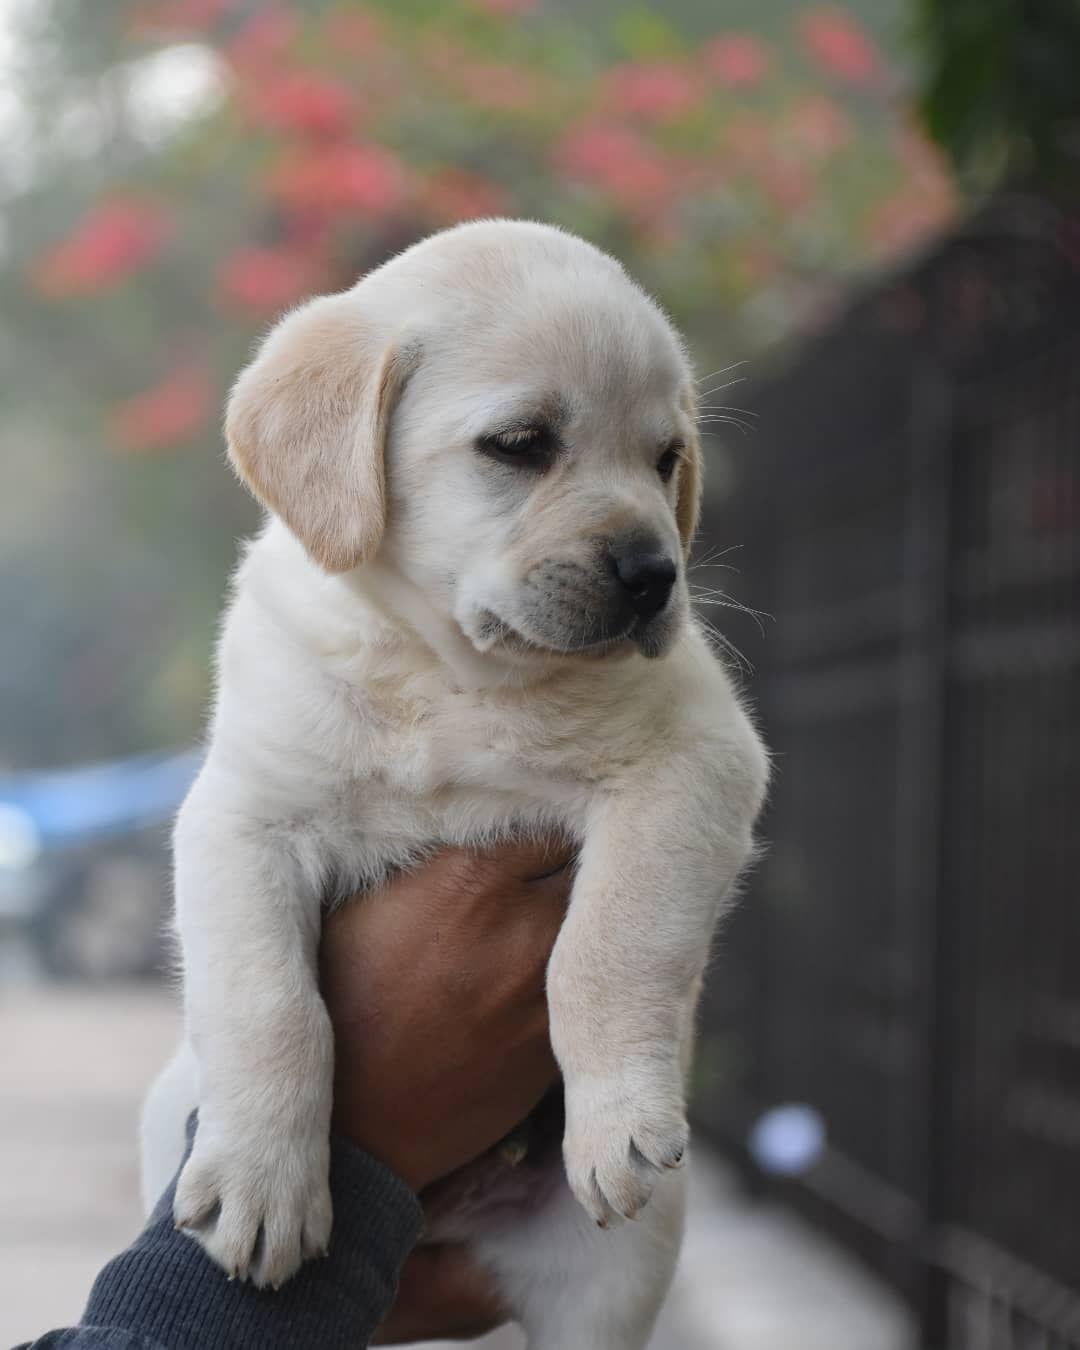 Golden Labrador Puppy So Cute In 2020 Golden Labrador Puppies Labrador Puppy Labrador Puppies For Sale